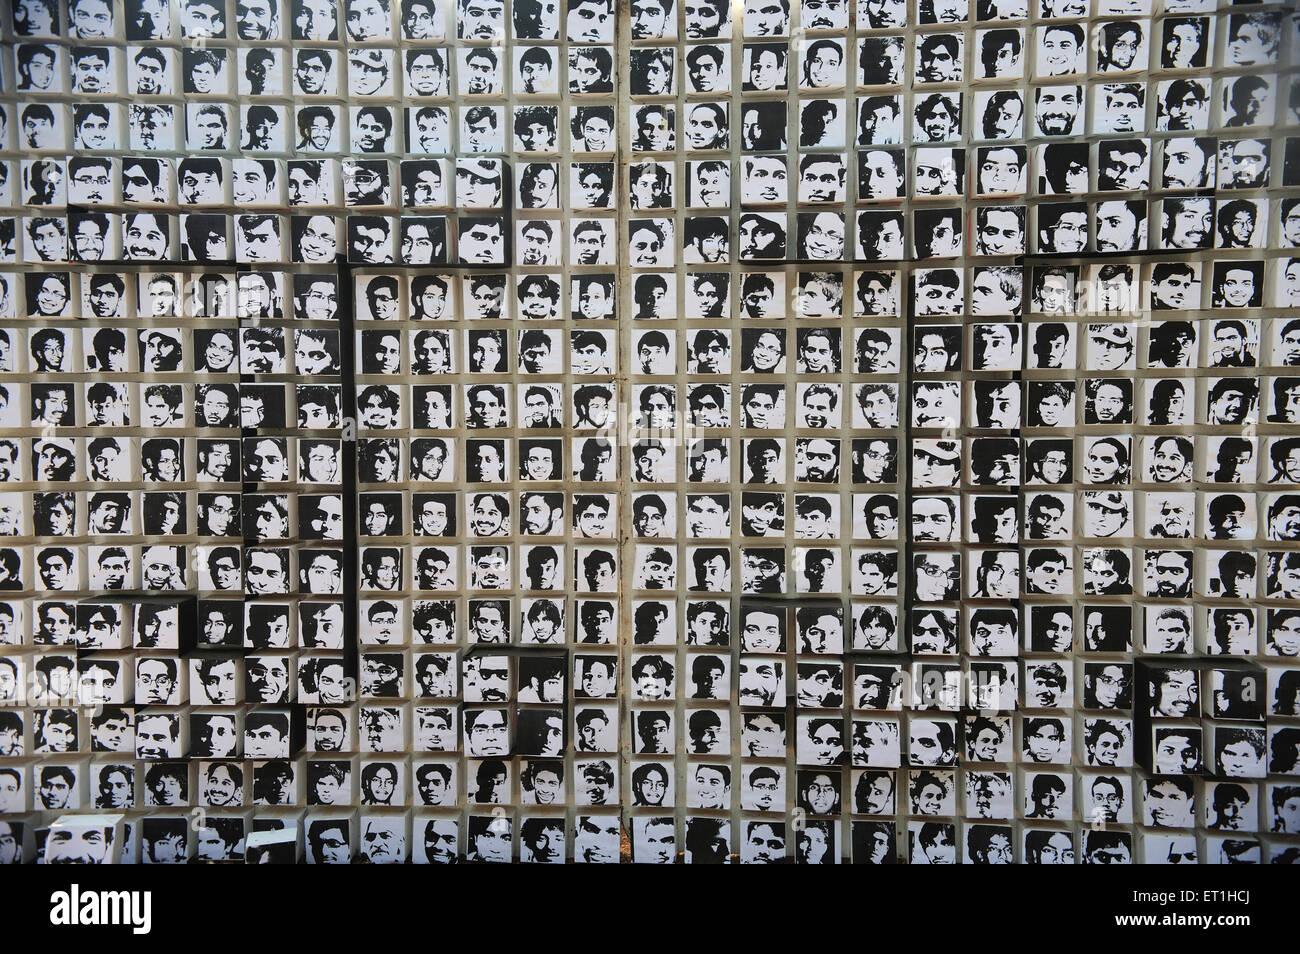 Photos install on paper in sir. jj. school of arts Bombay Mumbai ; Maharashtra ; India - Stock Image